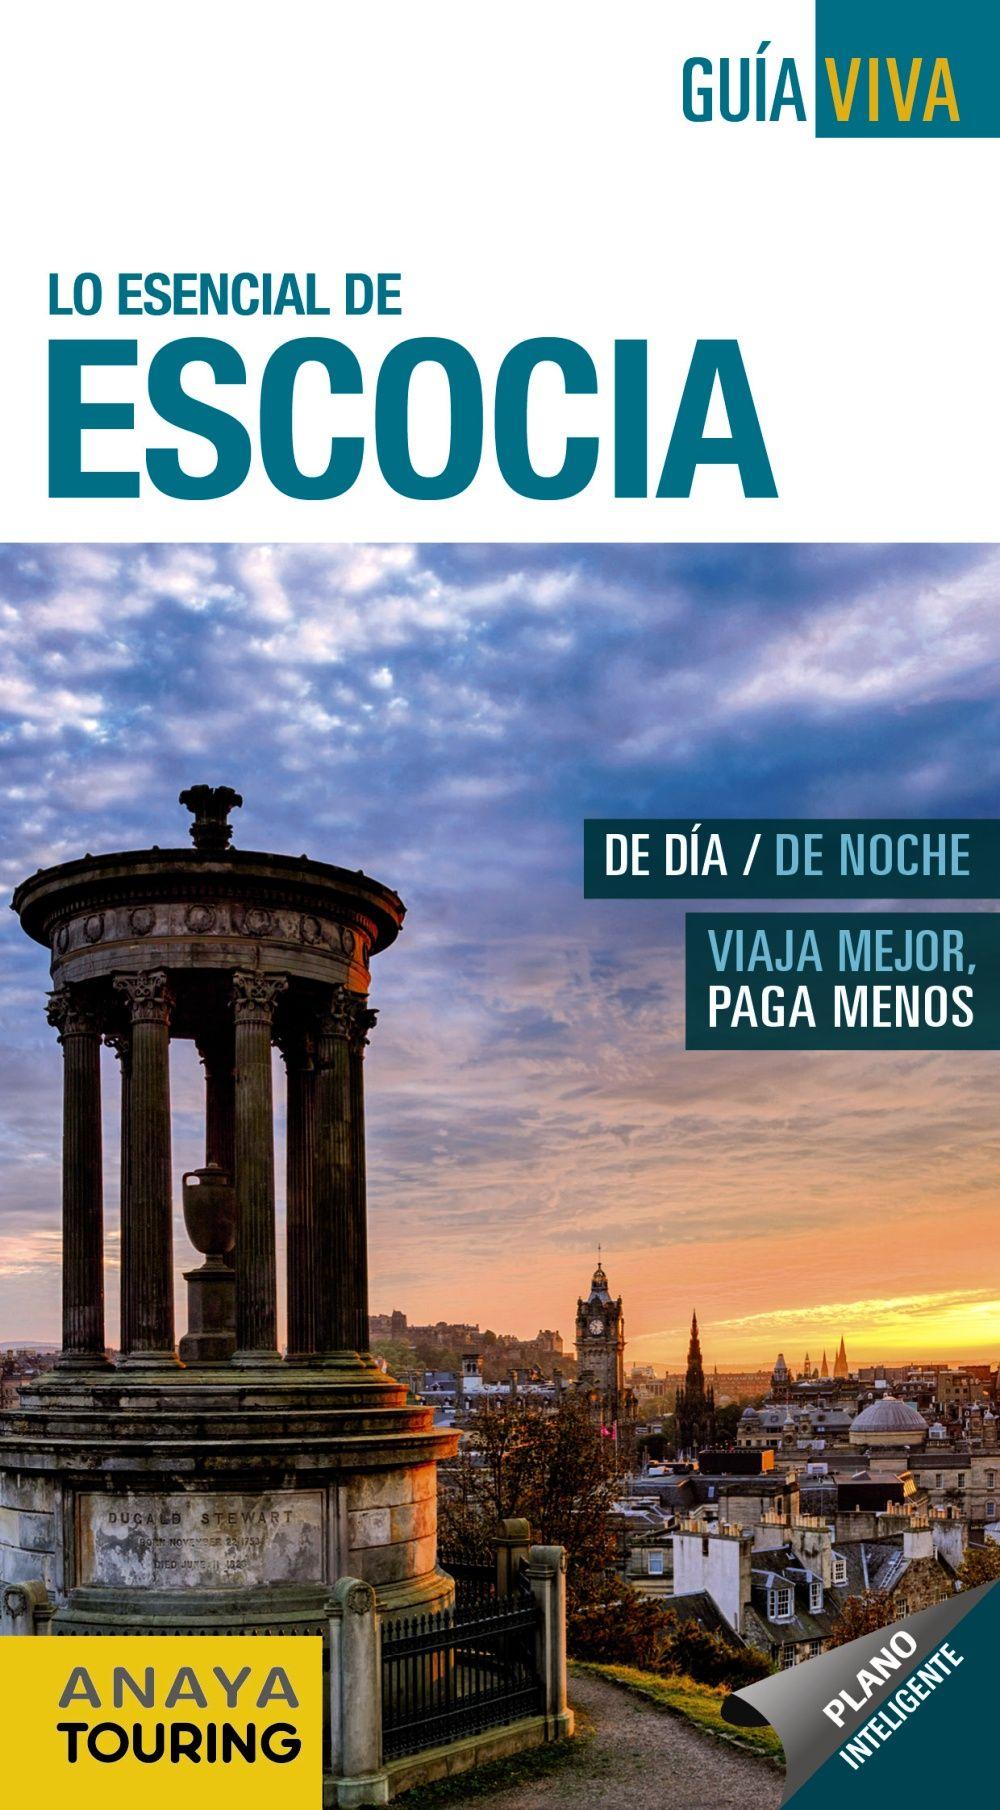 ESCOCIA LO ESENCIAL DE GUIA VIVA